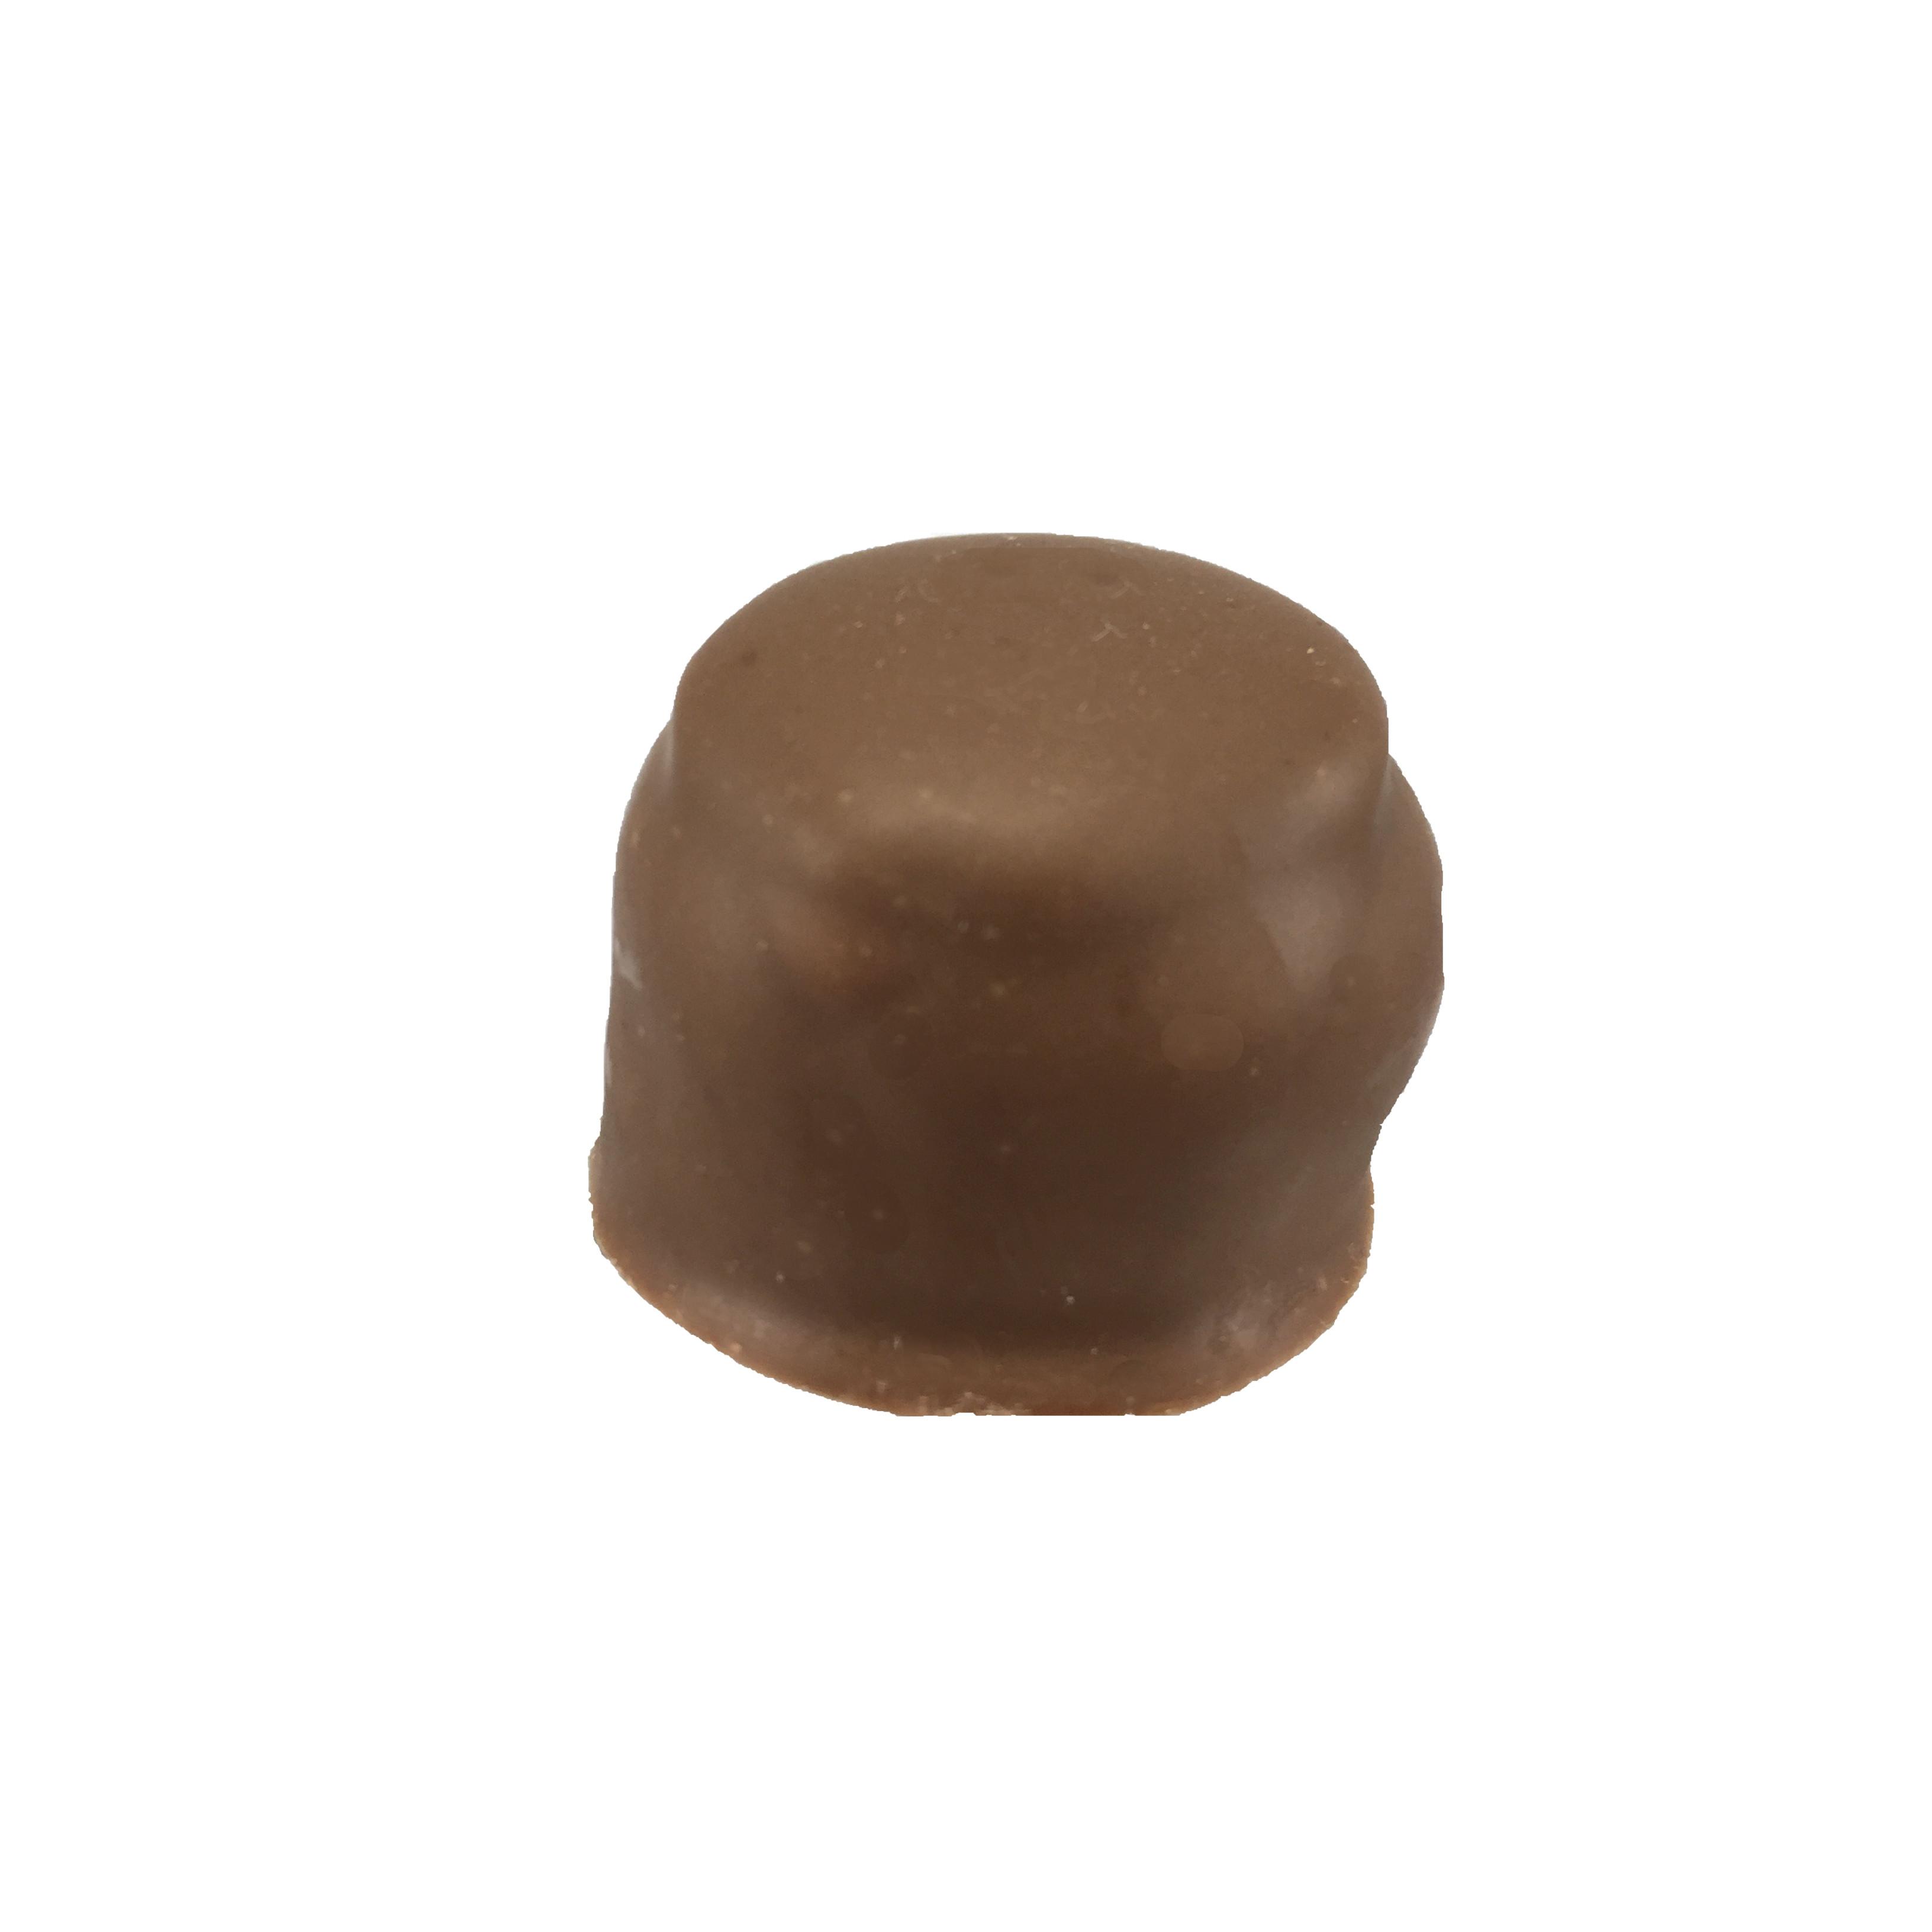 Manon caramel